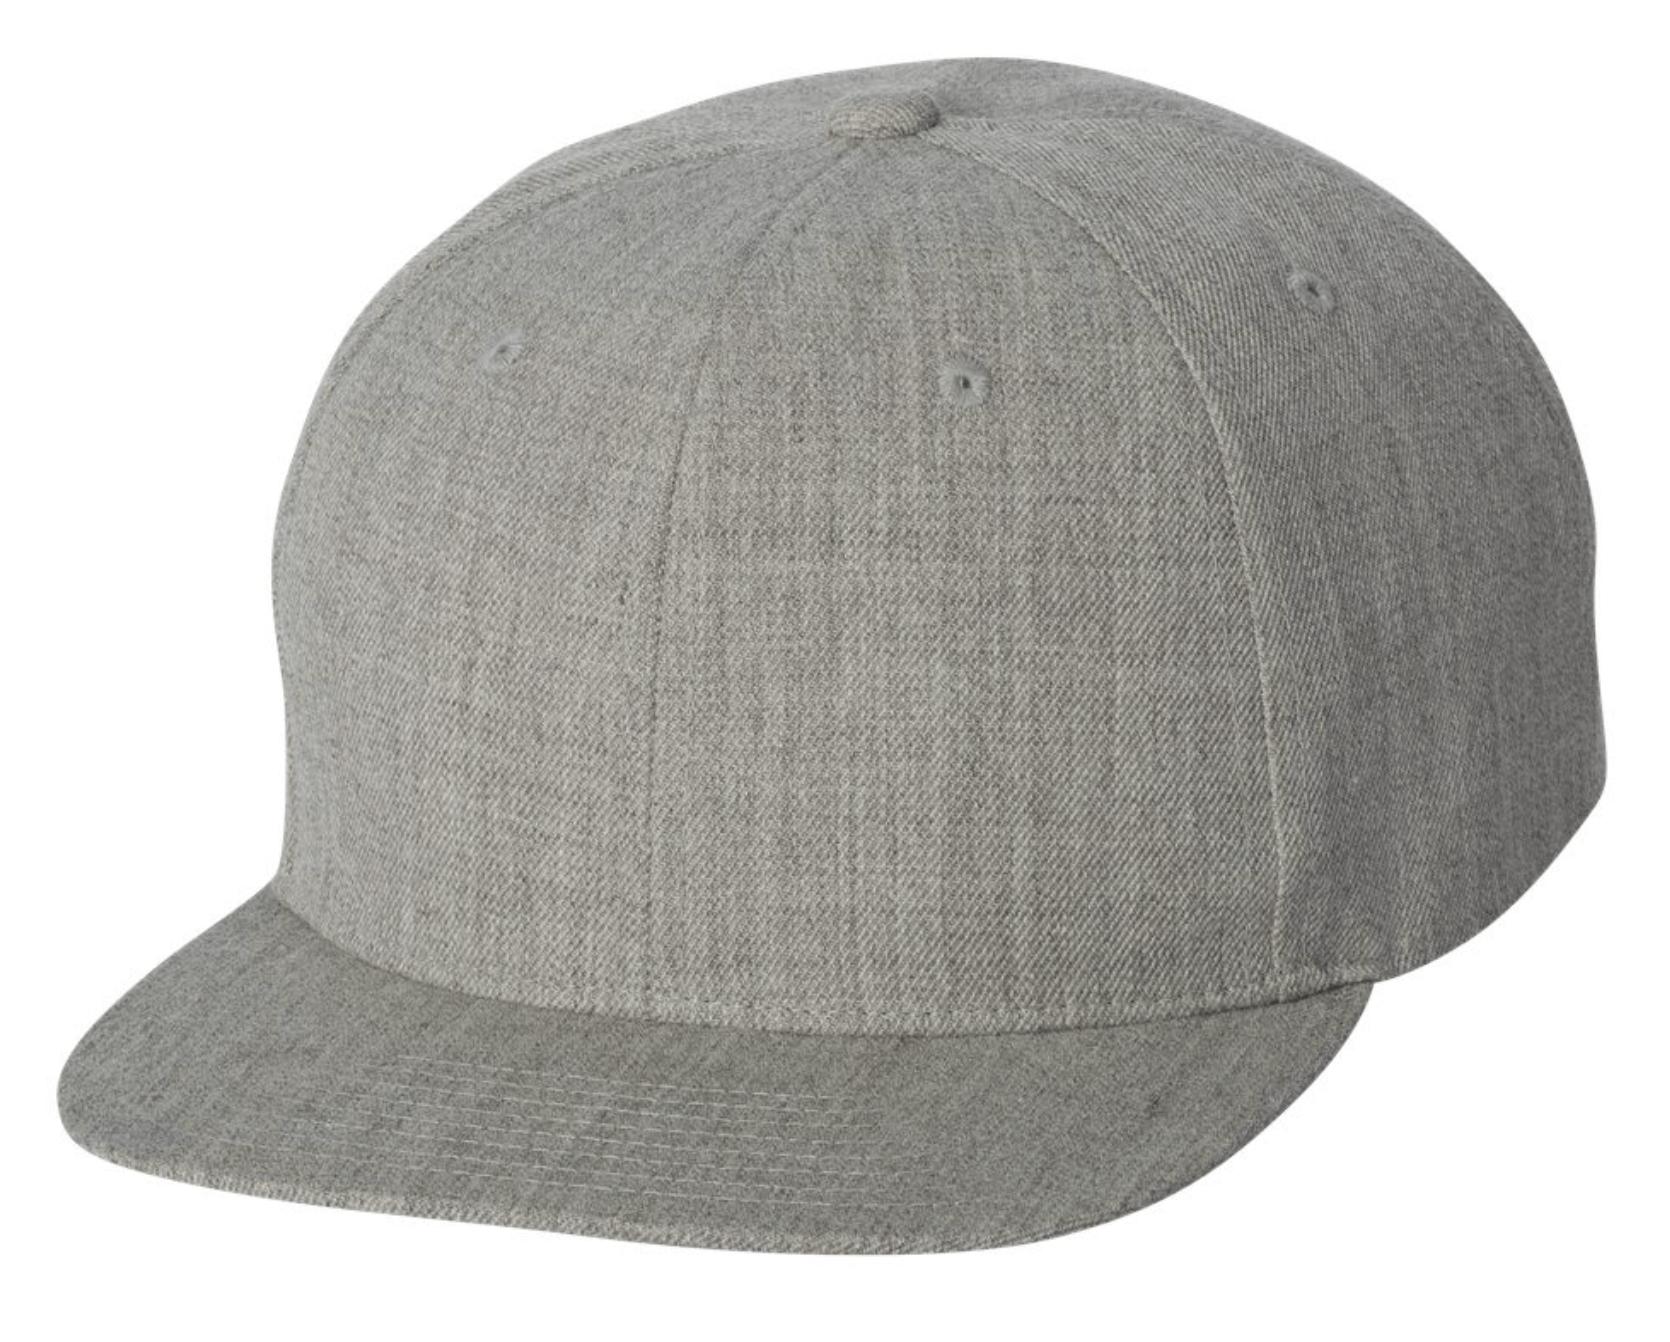 YP Classics - FlexFit Flat Bill Snapback Cap - 6089M Embroidery